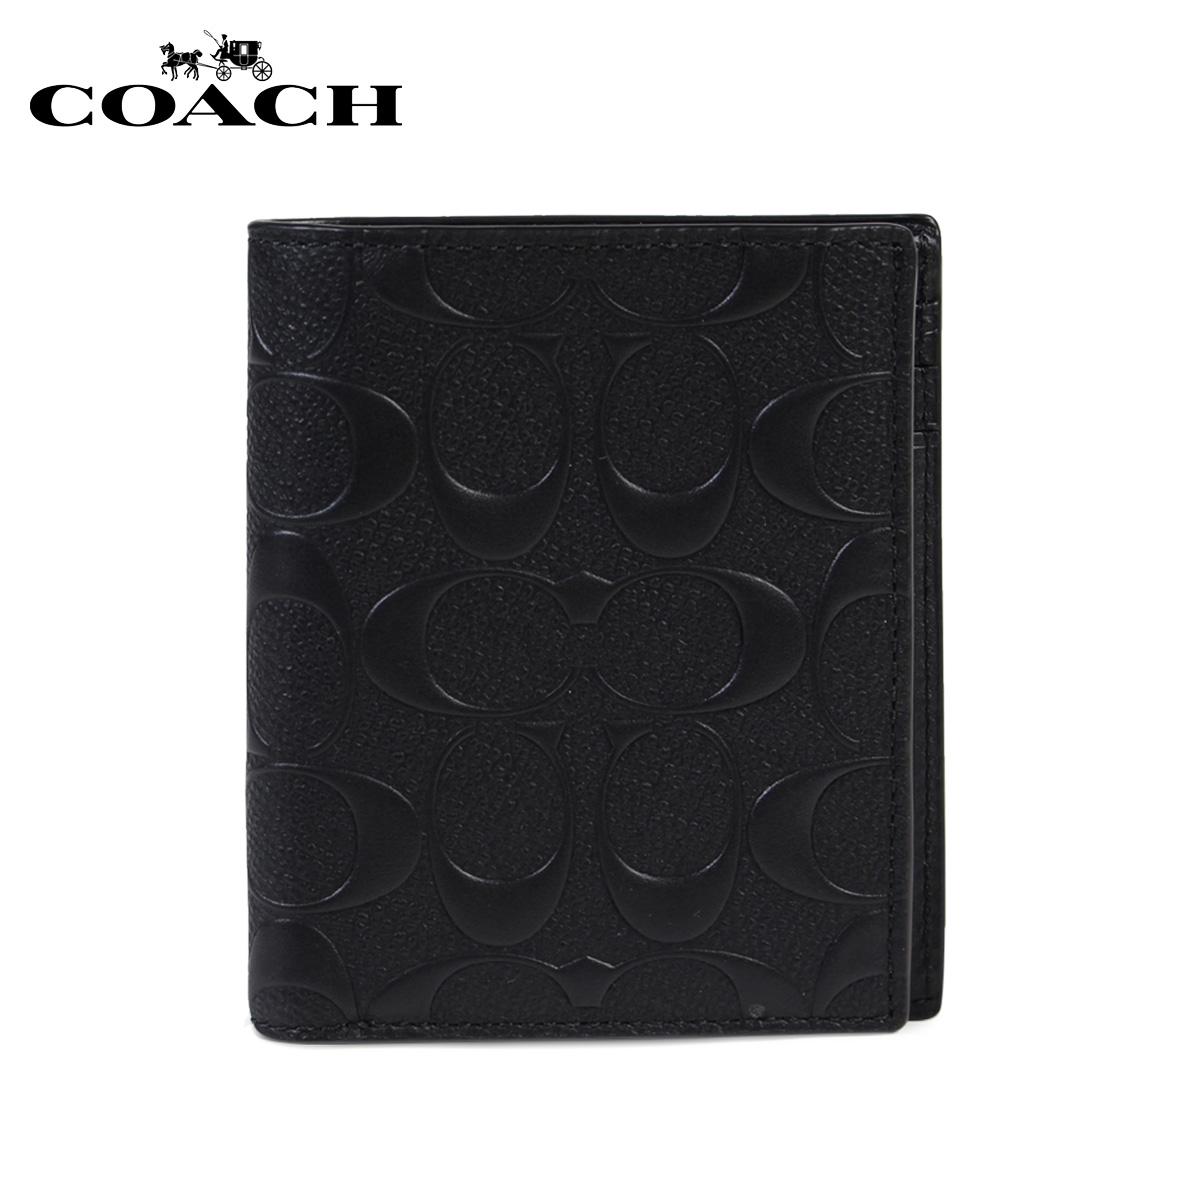 COACH F11970 コーチ 財布 二つ折り メンズ レザー BLK ブラック